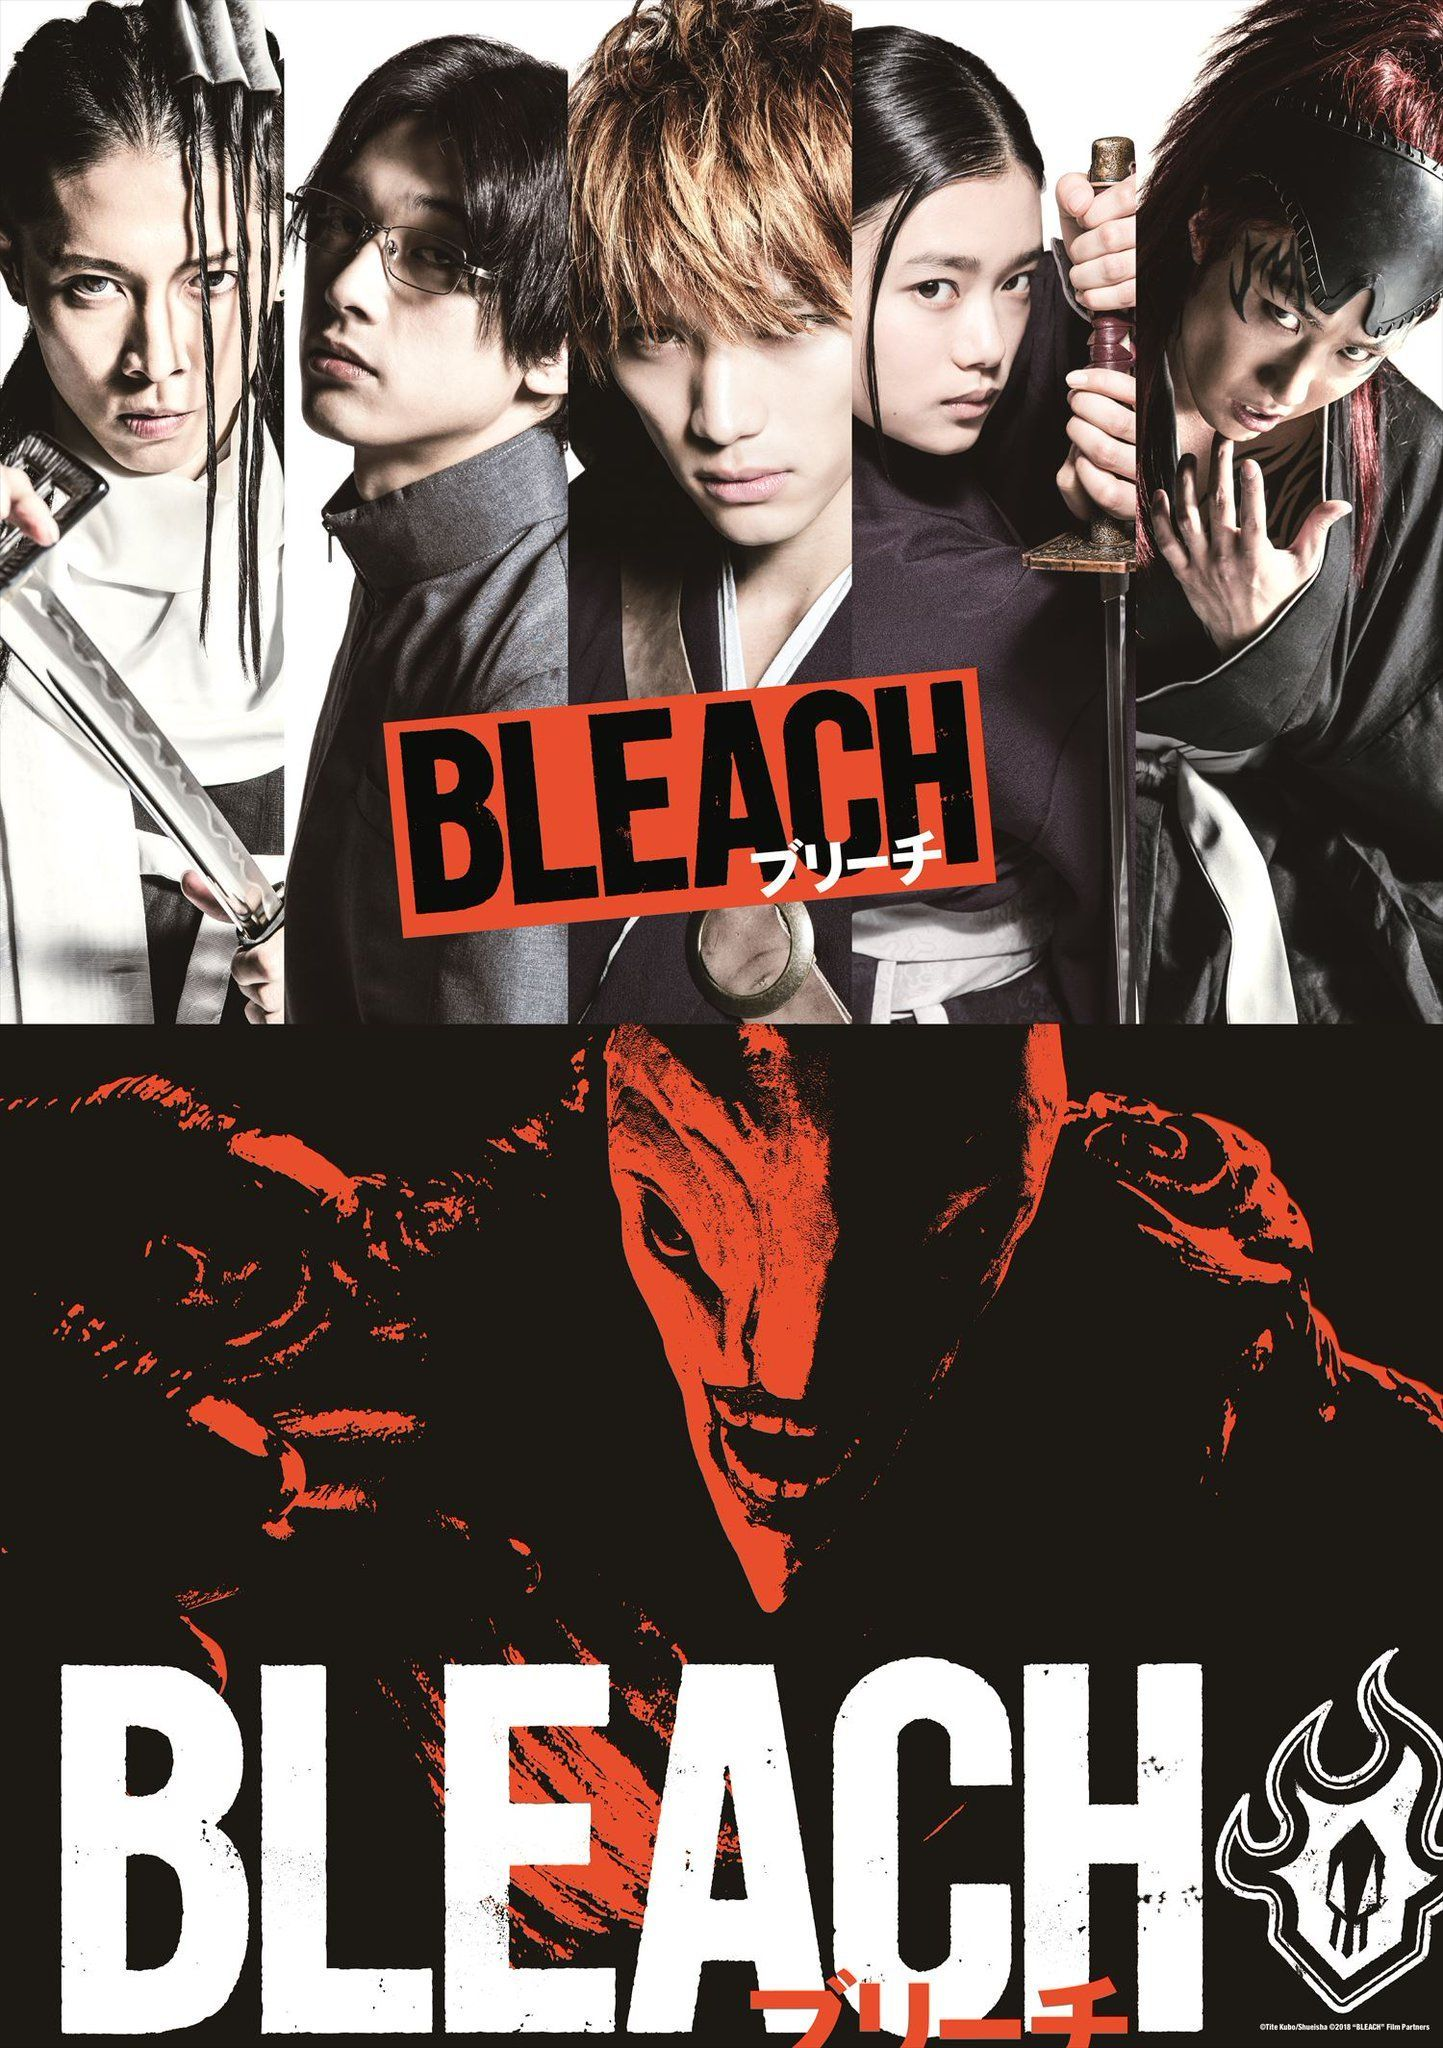 Bleach {Japanese Movie} (Sota Fukushi, Hana Sugisaki